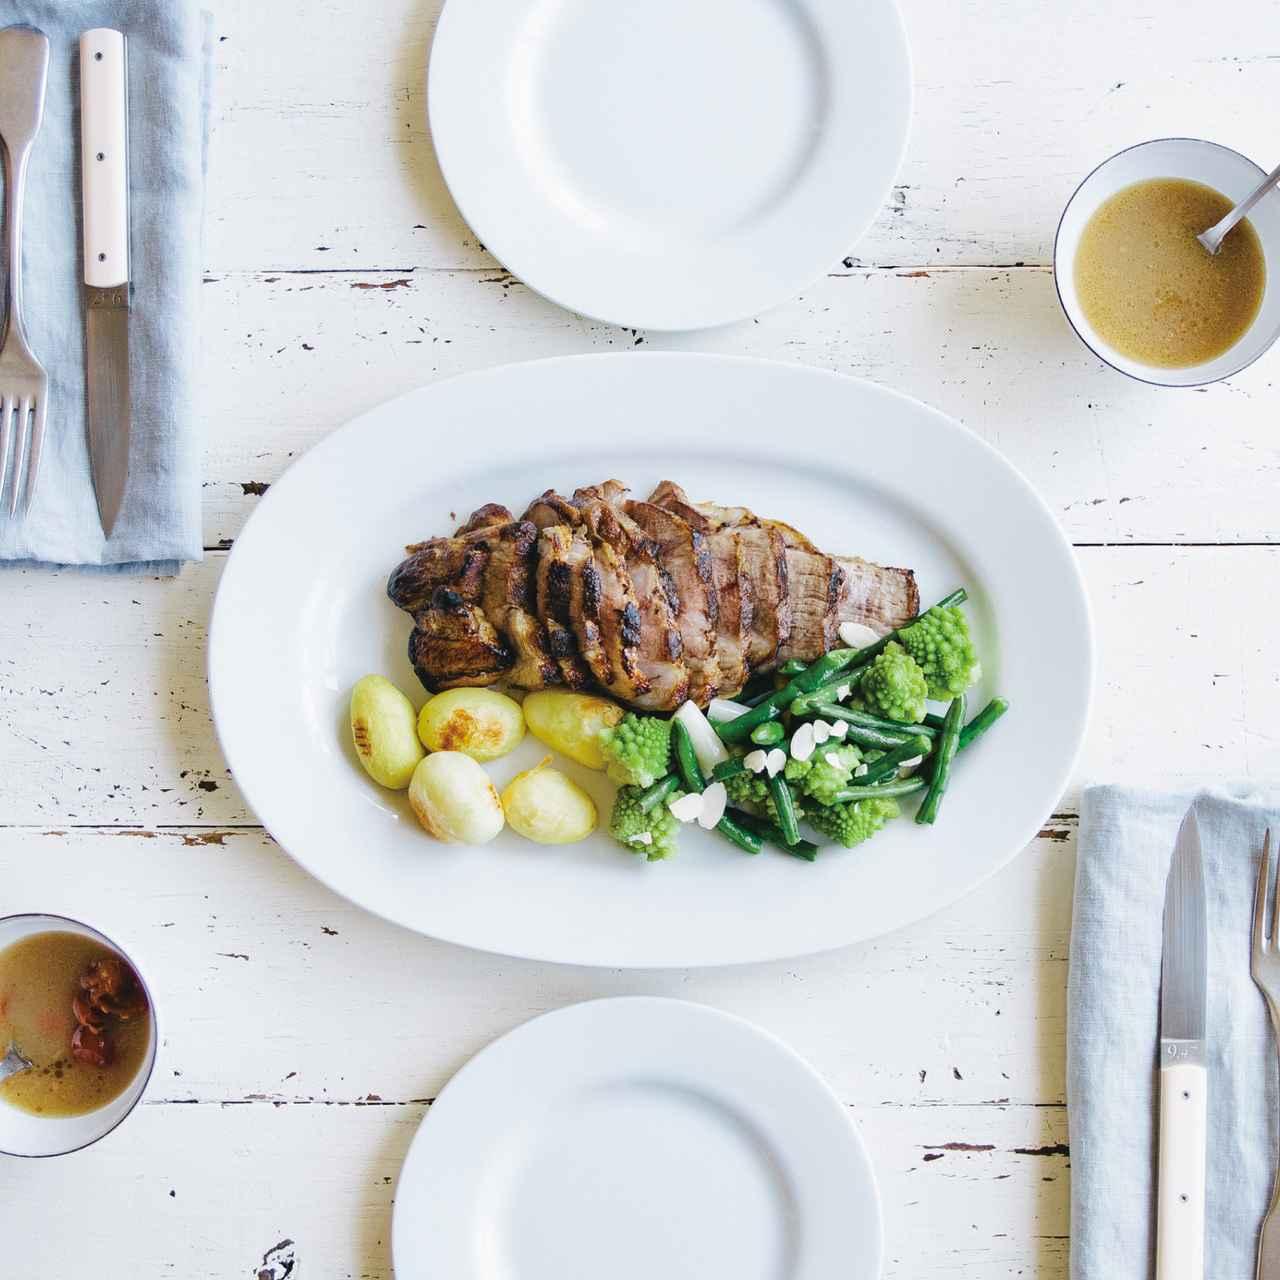 画像: 商品説明:豚肩ロースのブロック肉をフライパンでじっくり蒸焼きにし、 ホワイトアスパラやロマネスコとともに、グレイビーソースをかけて。 価格/規格: 2,980円 (税抜) 3-4人前 www.oisix.com